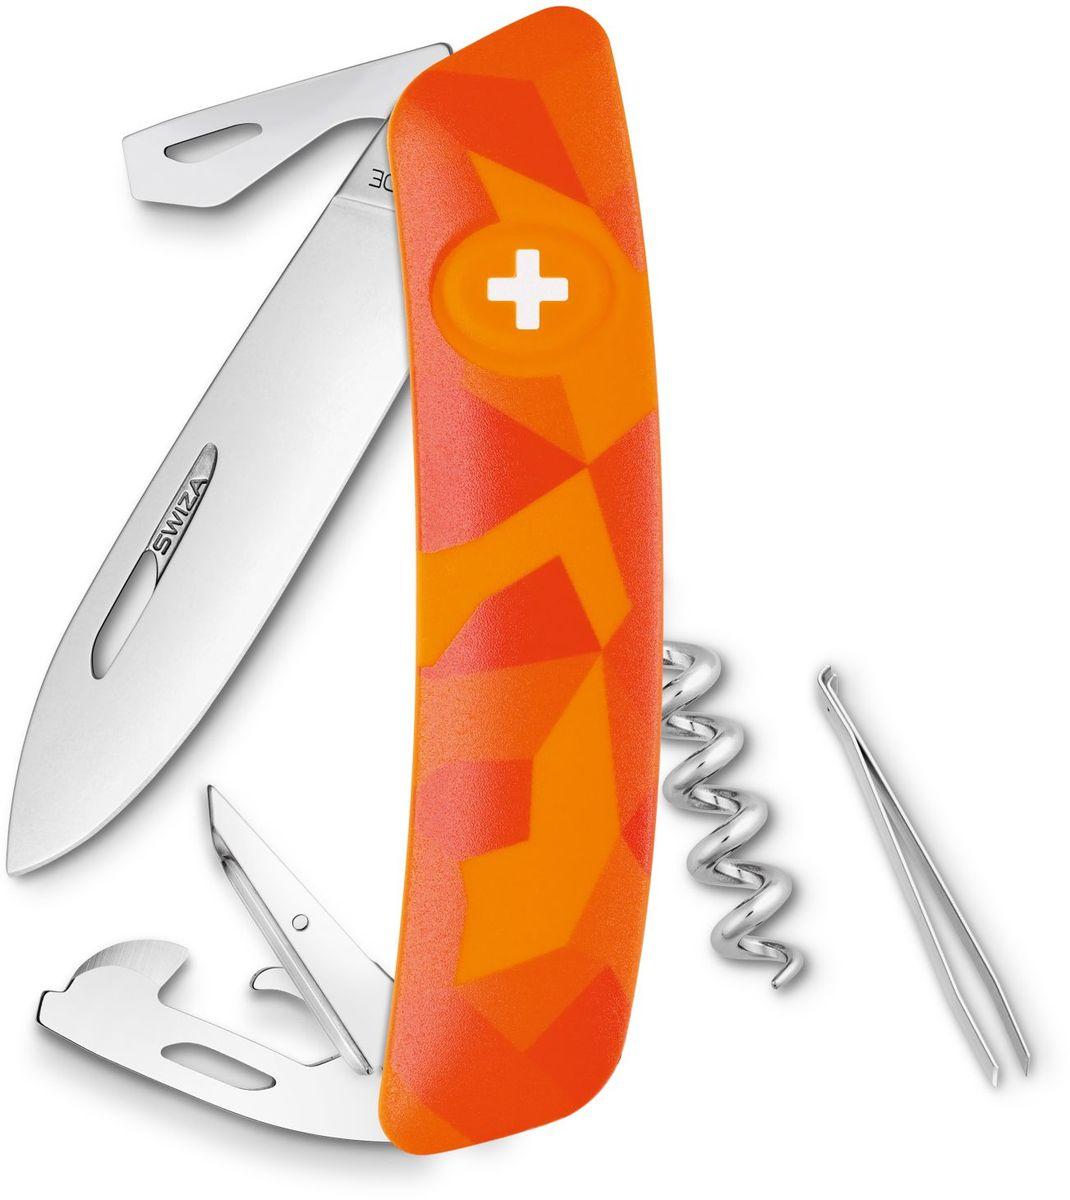 Нож швейцарский SWIZA С03, цвет: оранжевый, длина клинка 7,5 смKNI.0030.2070Швейцарский нож (SWIZA С03) с его революционной формой и безопасной рукояткой, легко раскладываемой ручкой - самый удобный и простой в использовании швейцарский нож на все времена. Эргономично изогнутая форма ножа обеспечивает более легкий доступ к инструментам, а пазы позволяют легко их открывать, как левой, так и правой рукой. 1. нож перочинный, 2.Штопор, 3. ример/дырокол 4. шило, 5. безопасная блокировка лезвий, 6. пинцет 7. консервный нож, 8 Wire Bender (для проволоки), 9 Отвертка №1, 10. Отвертка №3, 11. Открывалка для бутылок